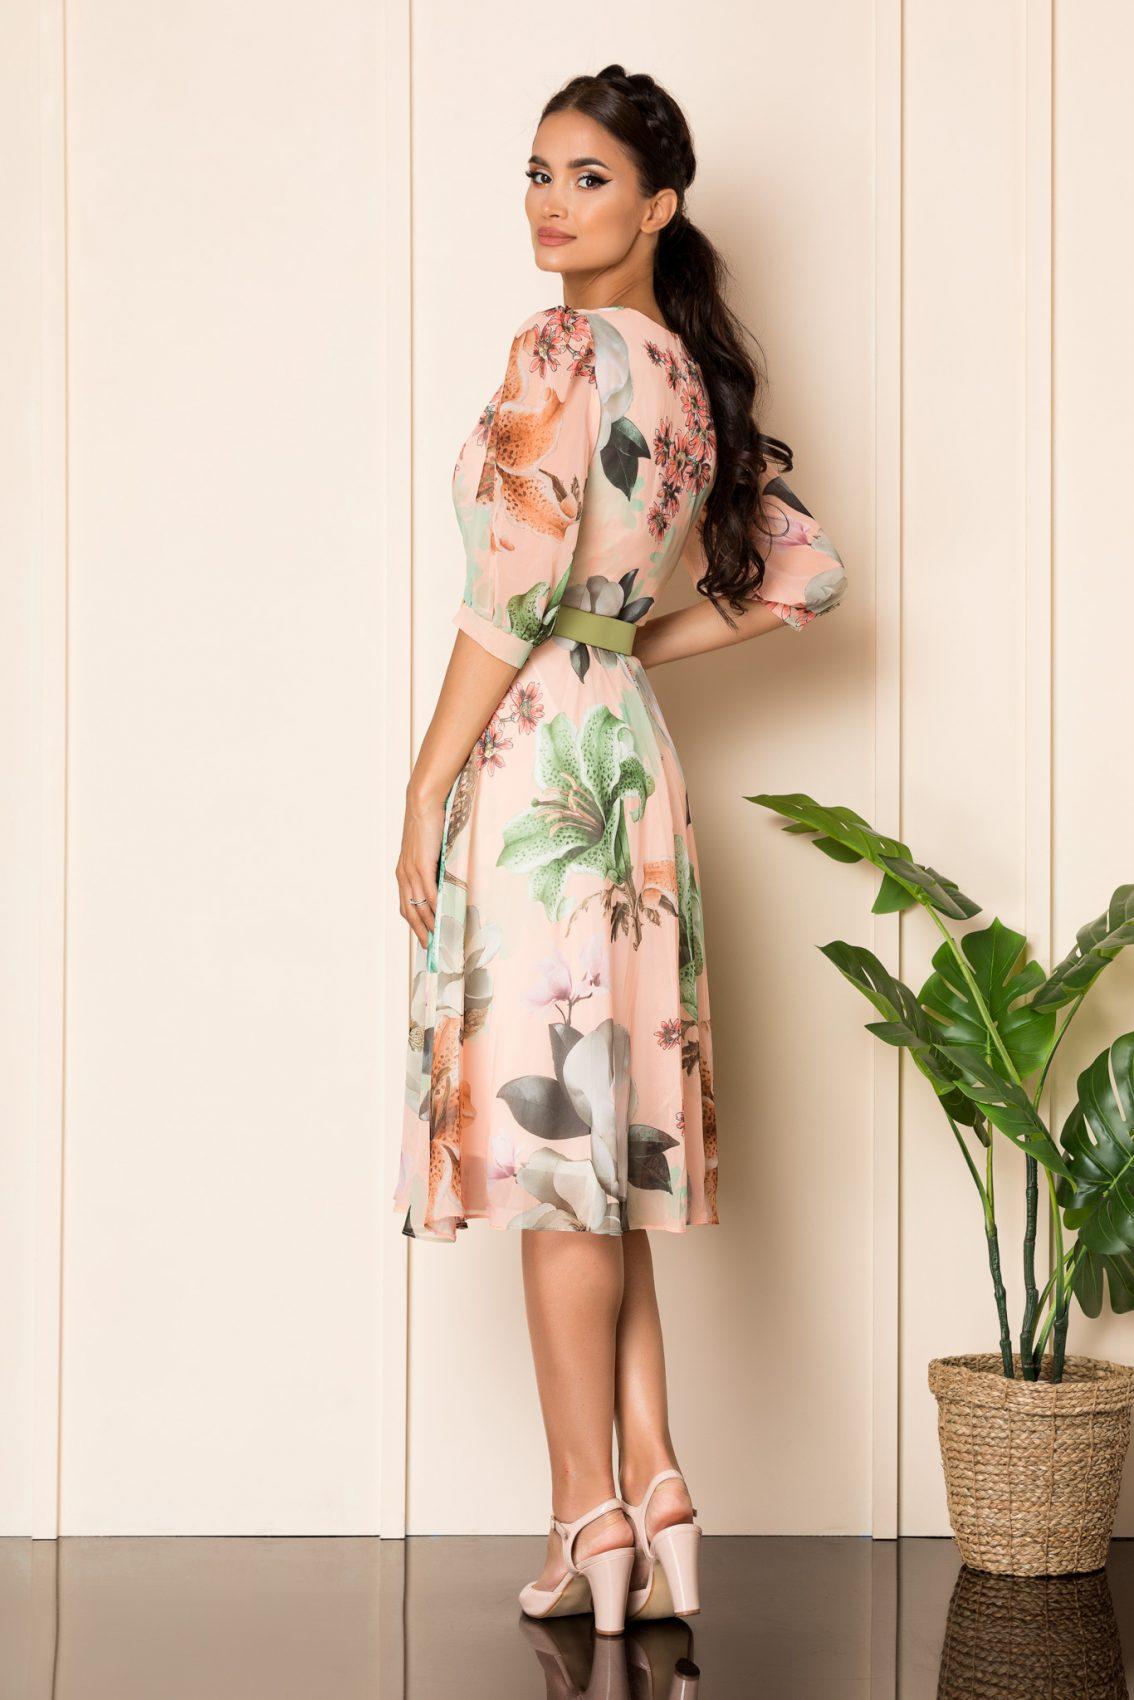 Ροδακινί Μίντι Εμπριμέ Φόρεμα Με Ζώνη Ynesa A797 2